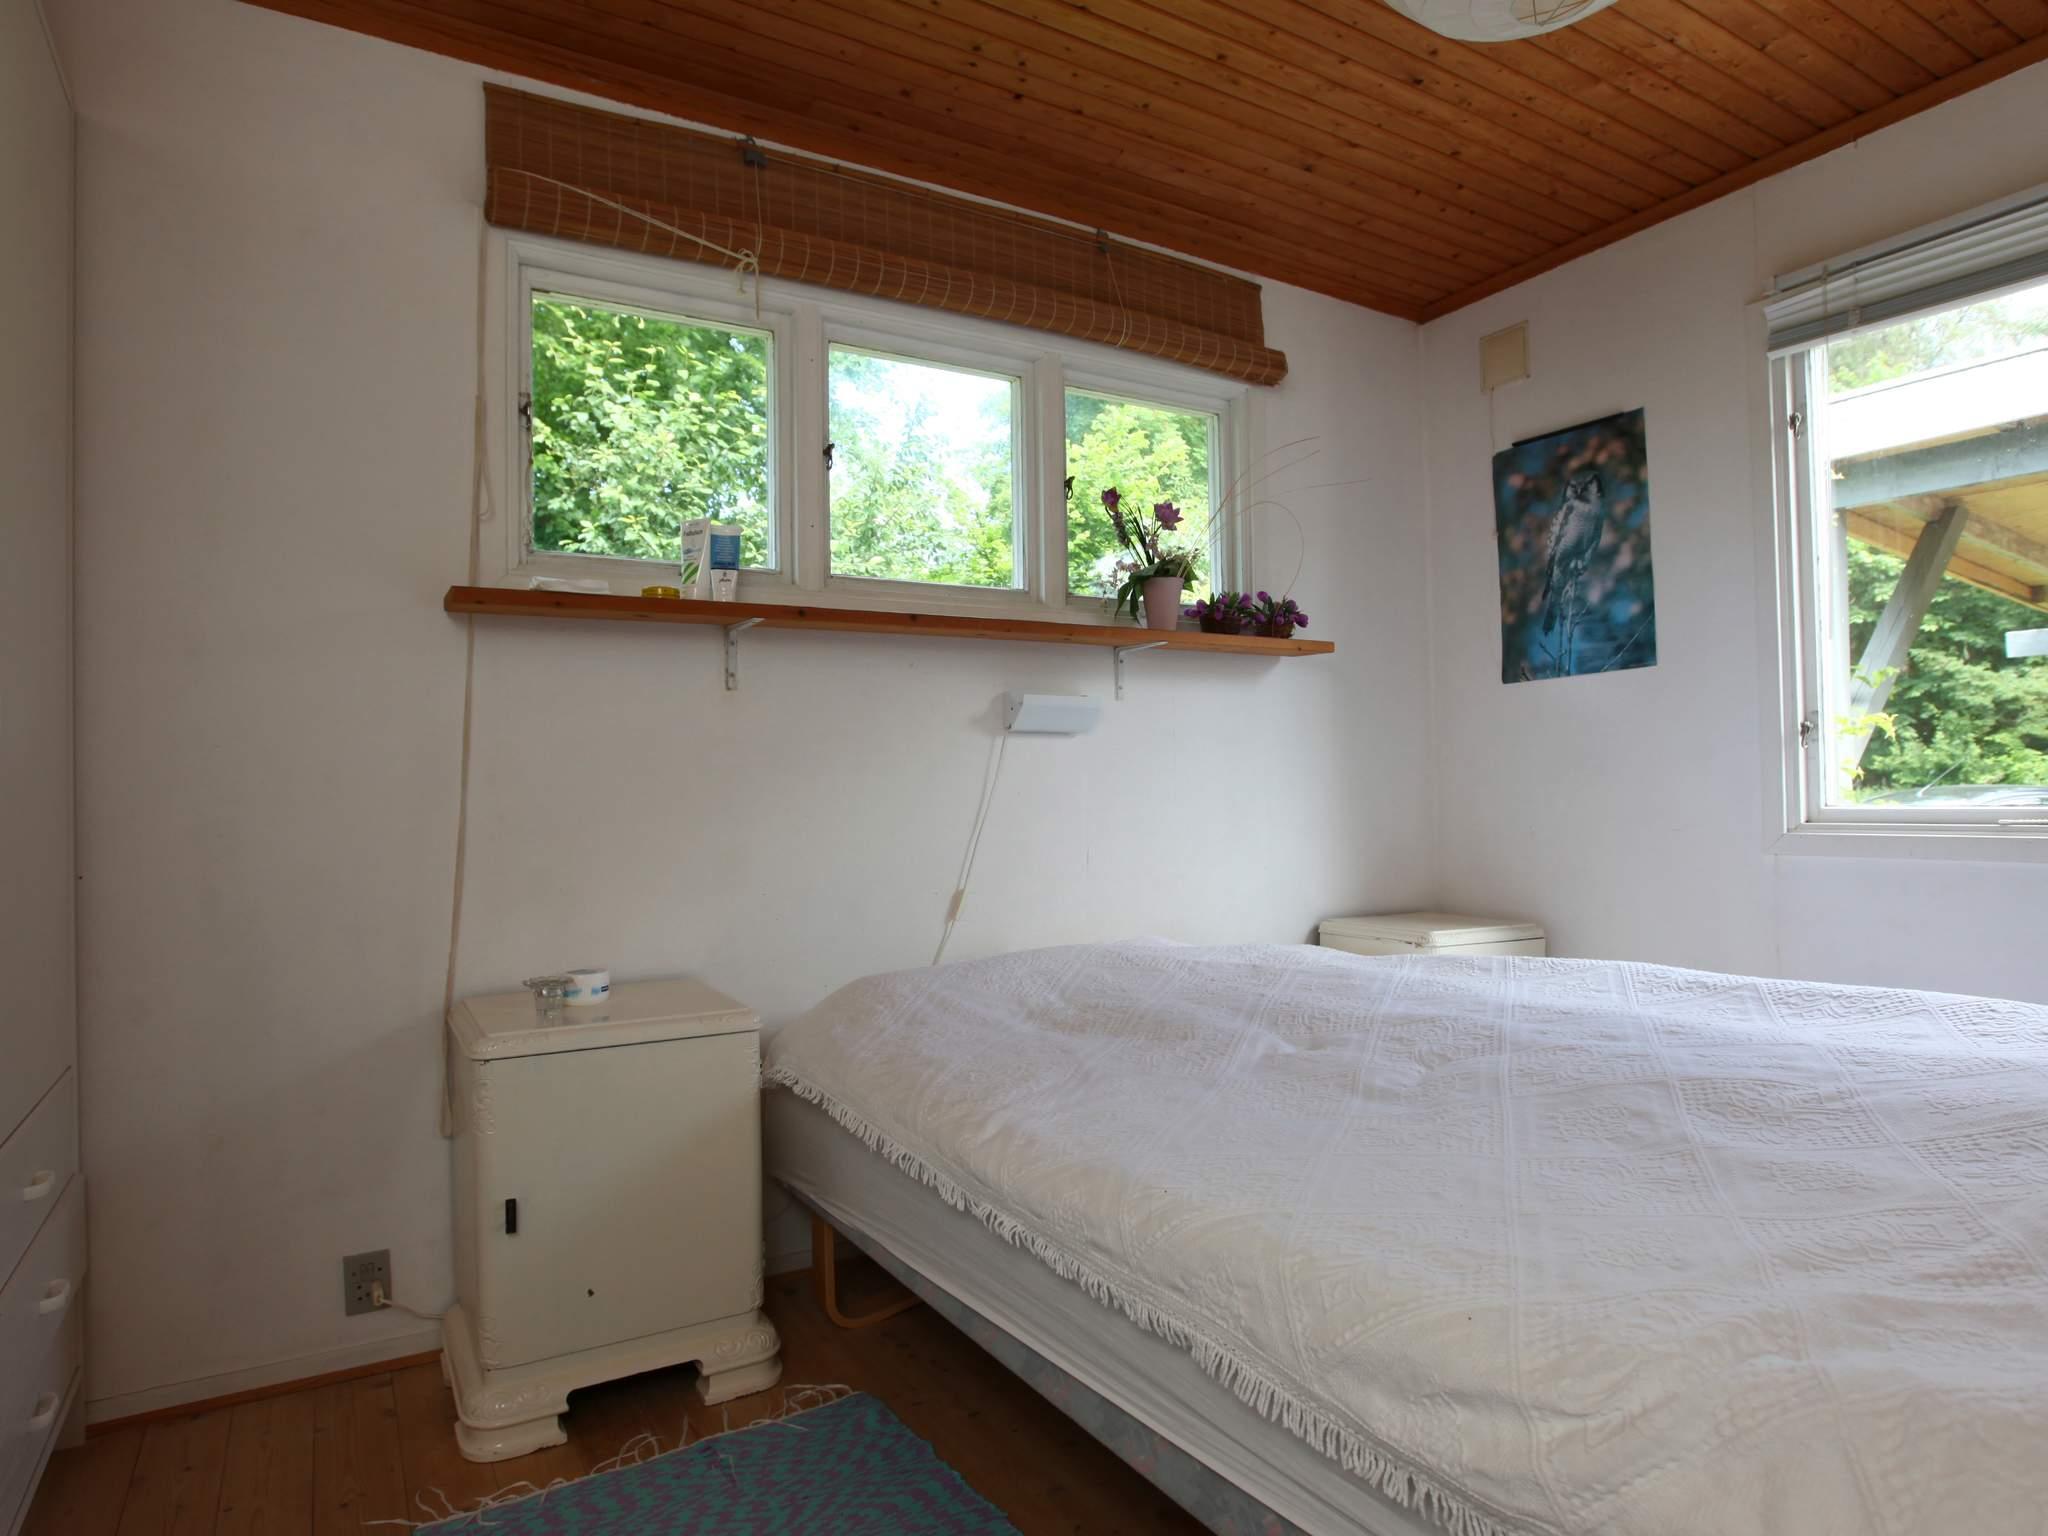 Ferienhaus Hummingen (89267), Hummingen, , Lolland, Dänemark, Bild 9